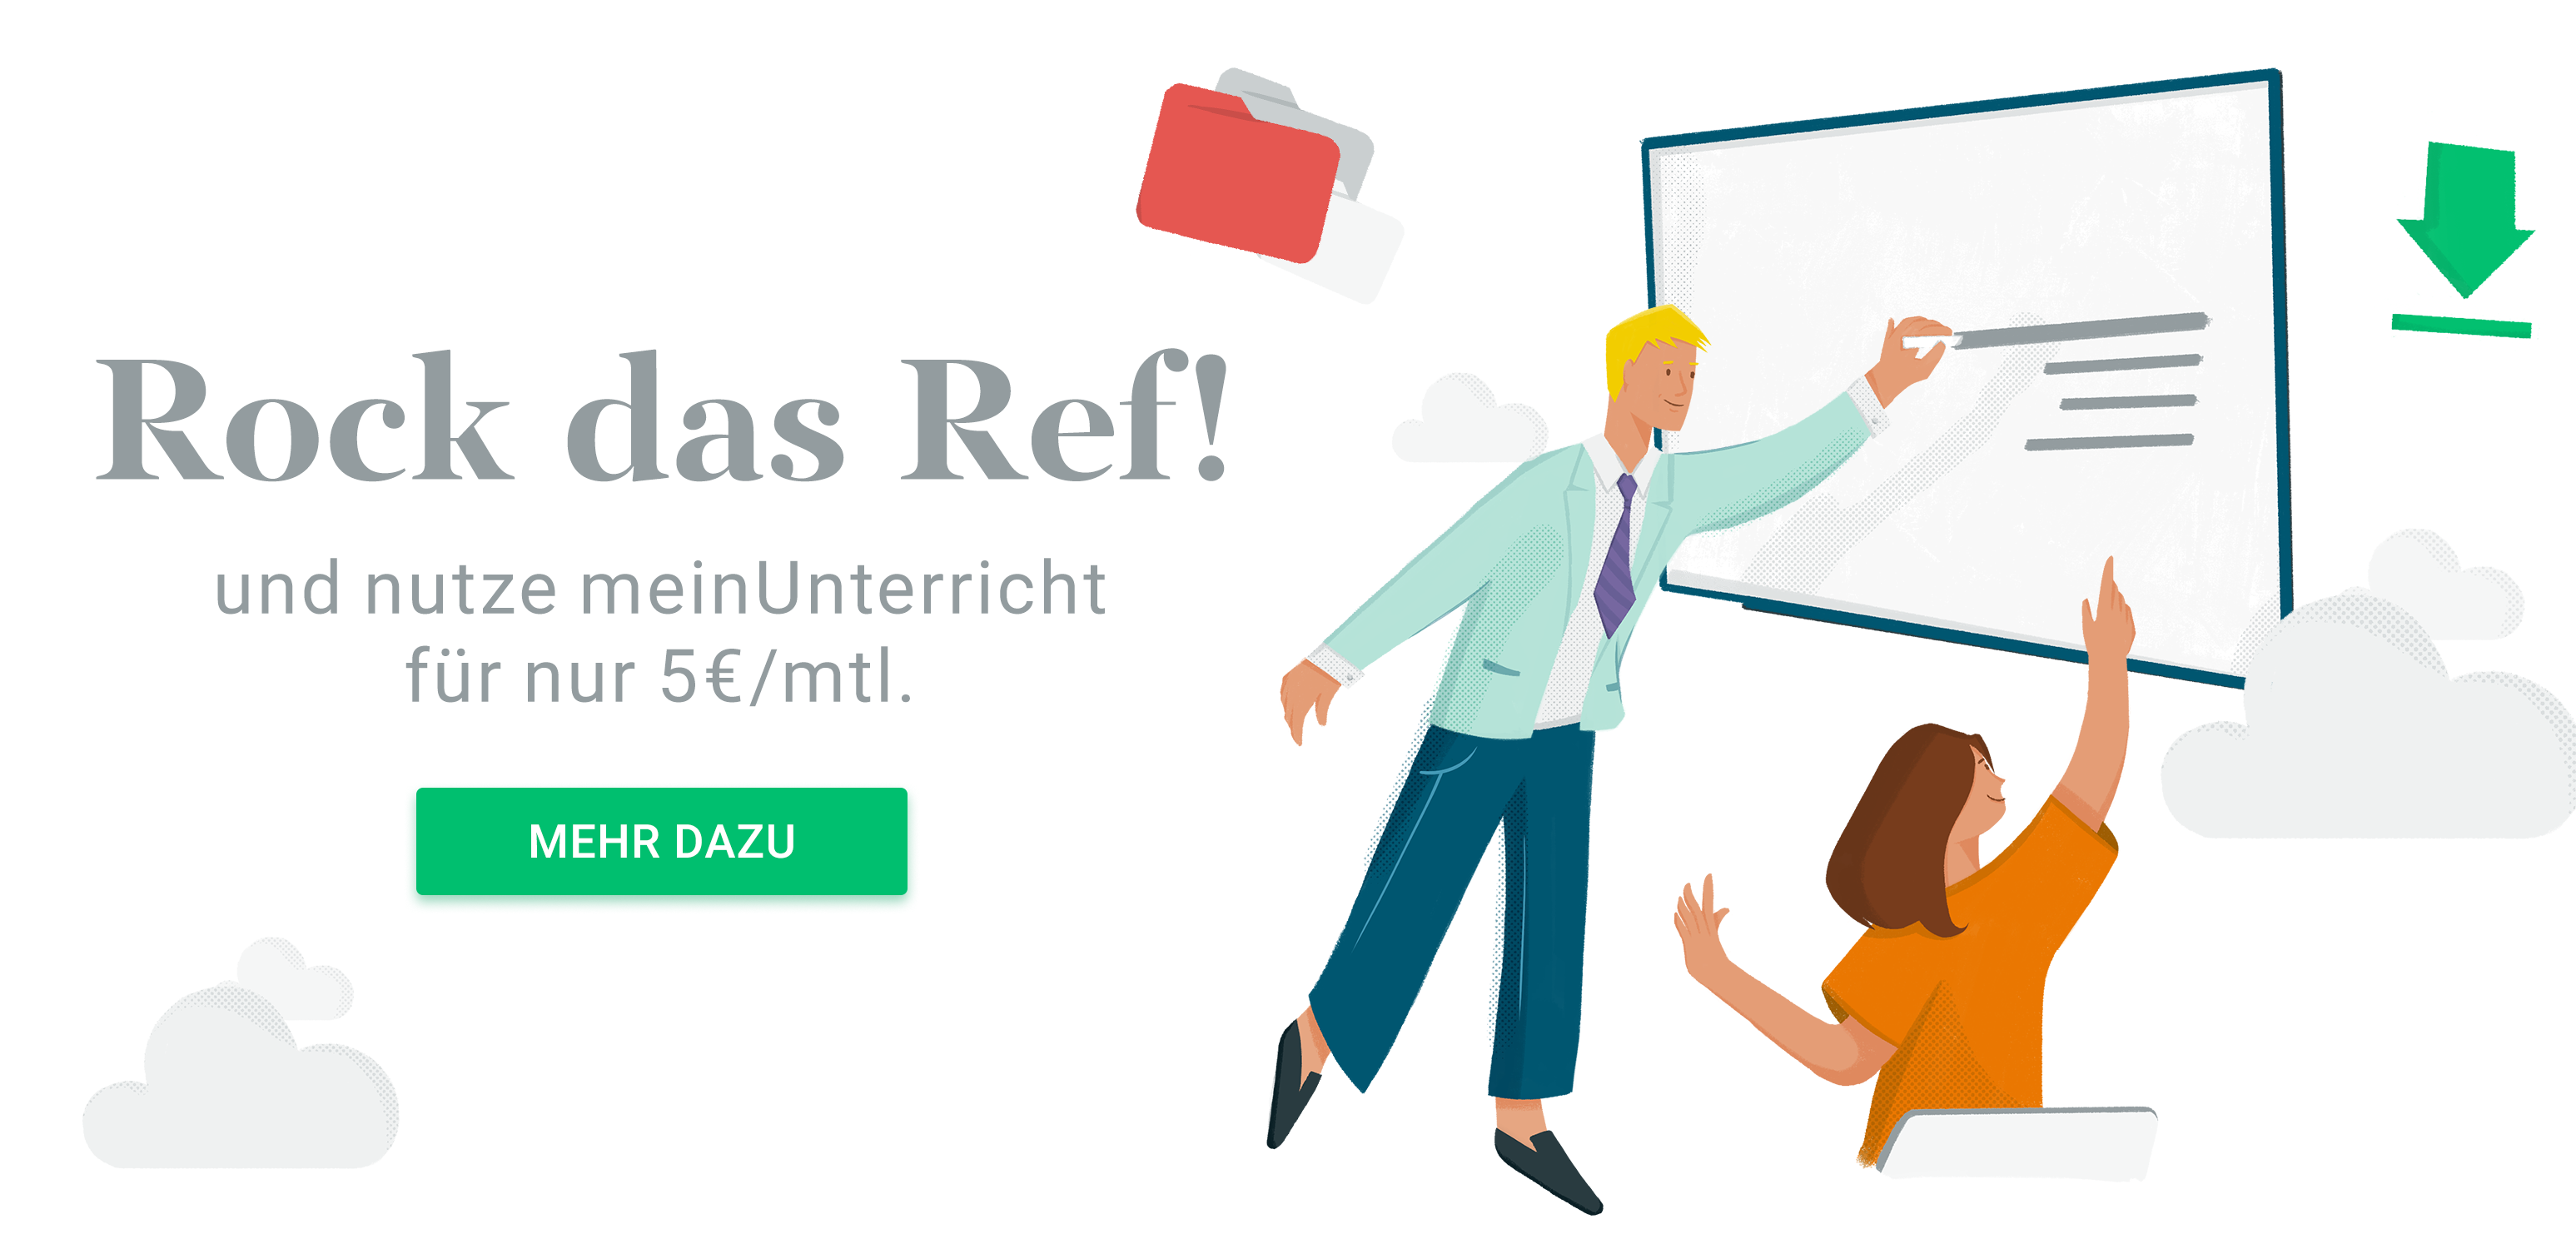 meinUnterricht_rock_das_ref